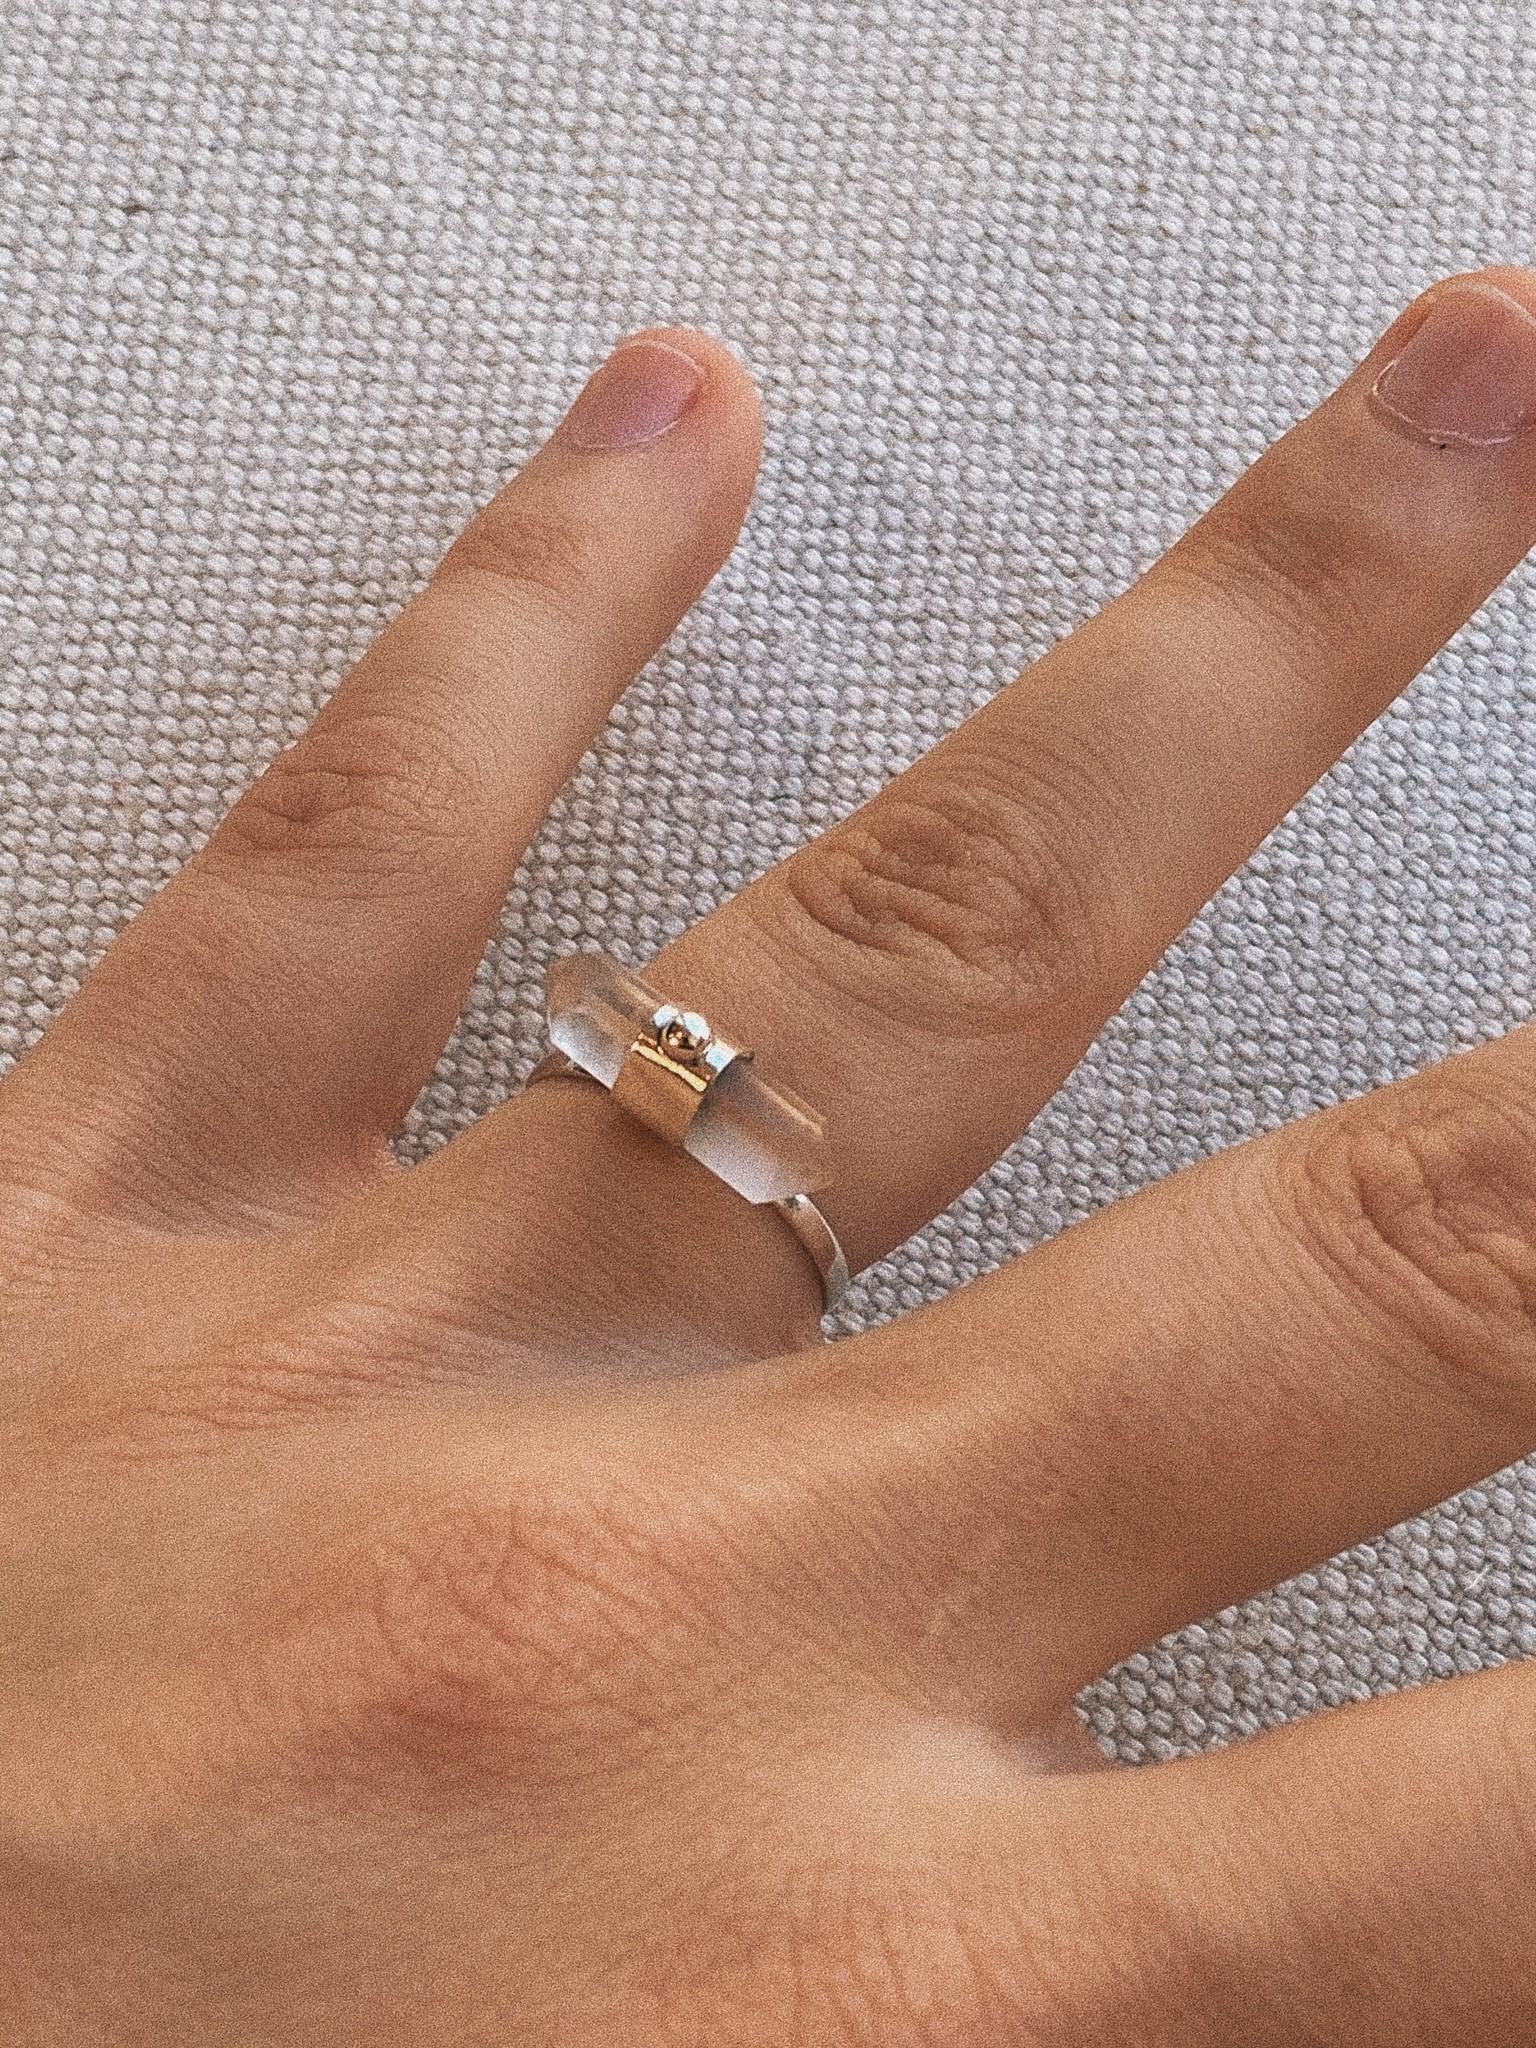 Ring 20b-2